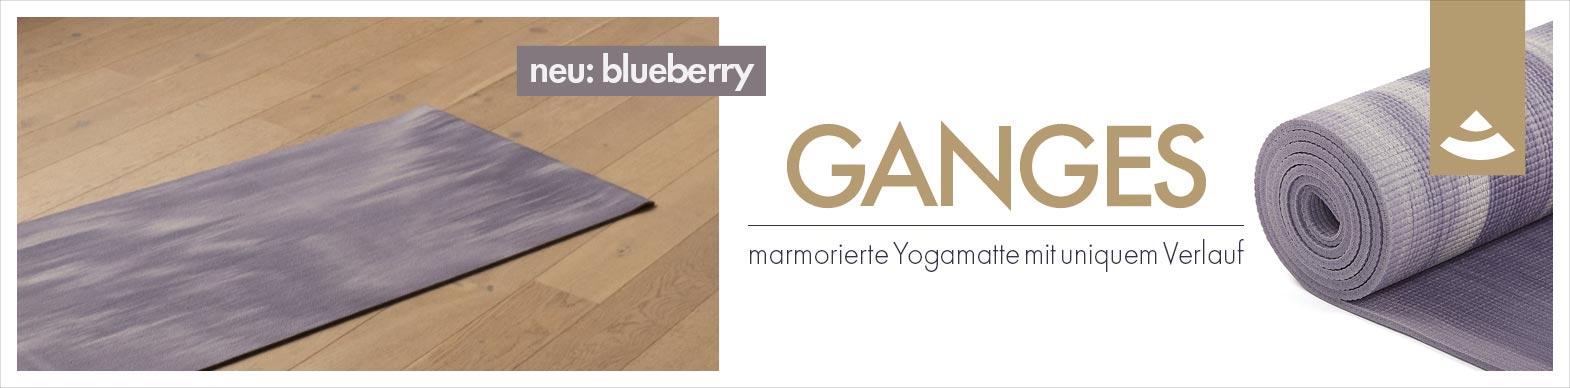 Banner zu Yogamatte GANGES mit neuer Farbe (blueberry)